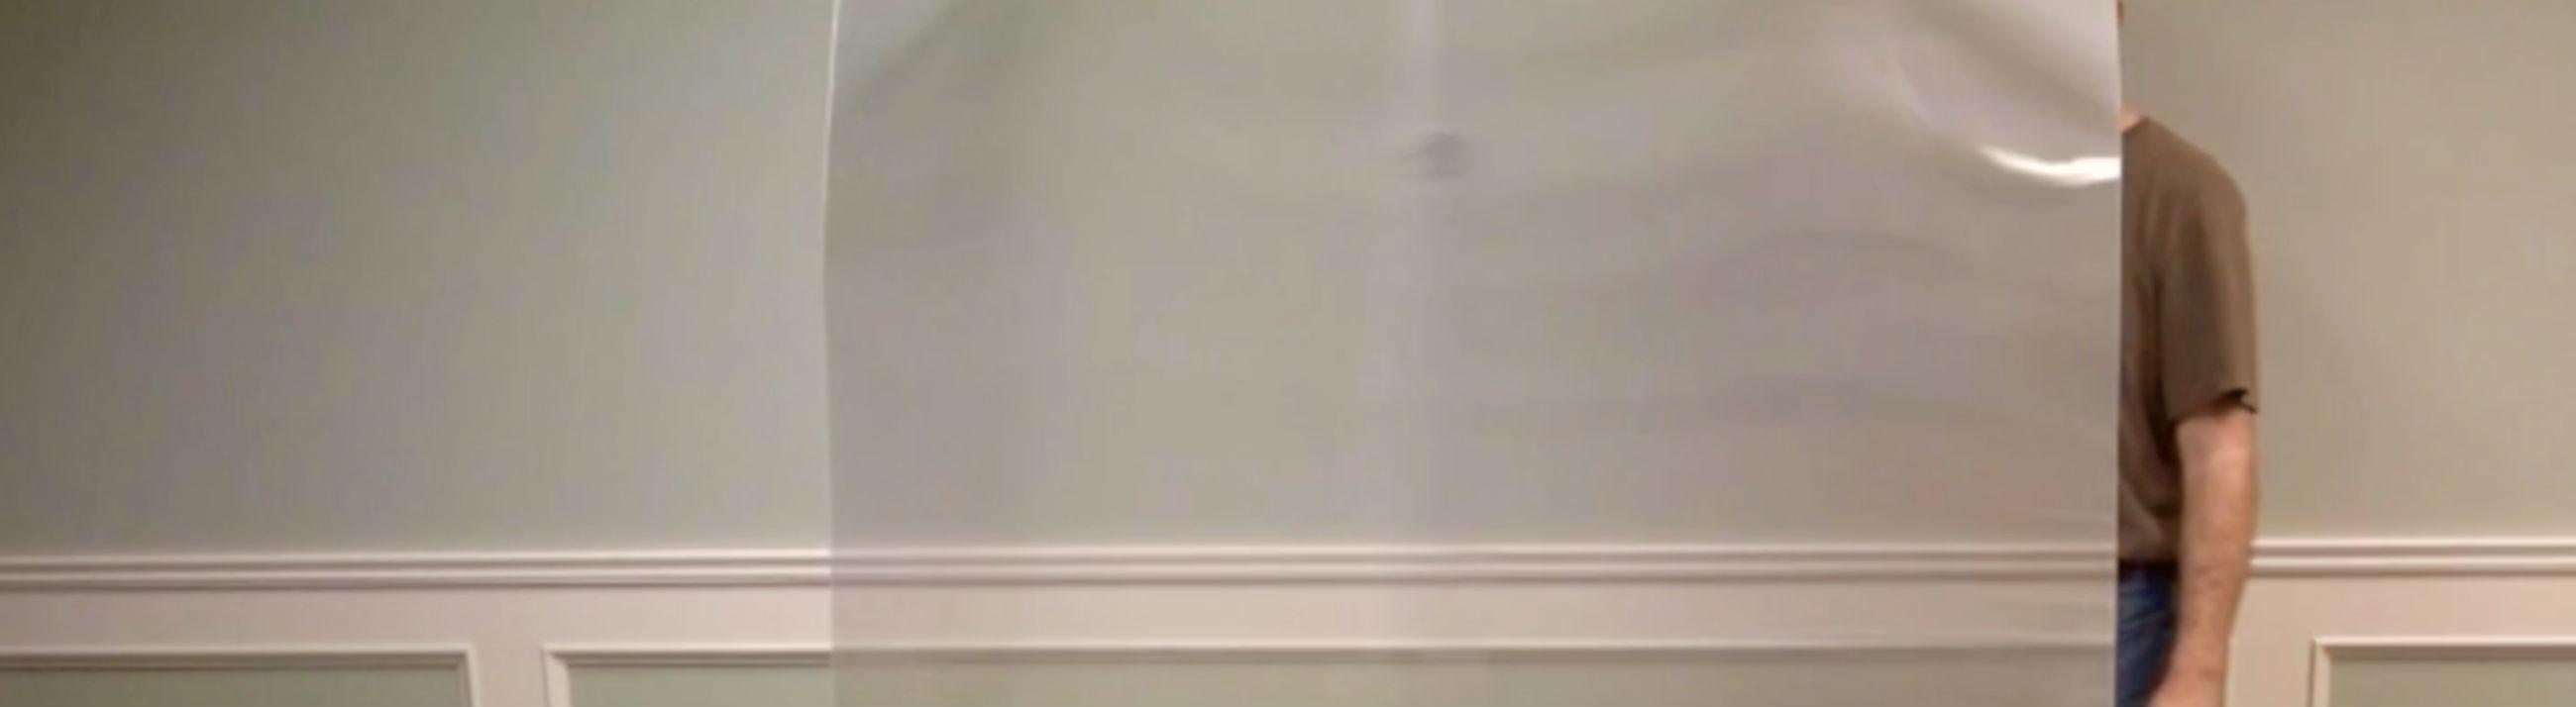 Der Unsichtbarkeitsumhang vor einer Wand. Der Mann dahinter ist komplett verschwunden. Die Wand dahinter ist aber zu sehen.